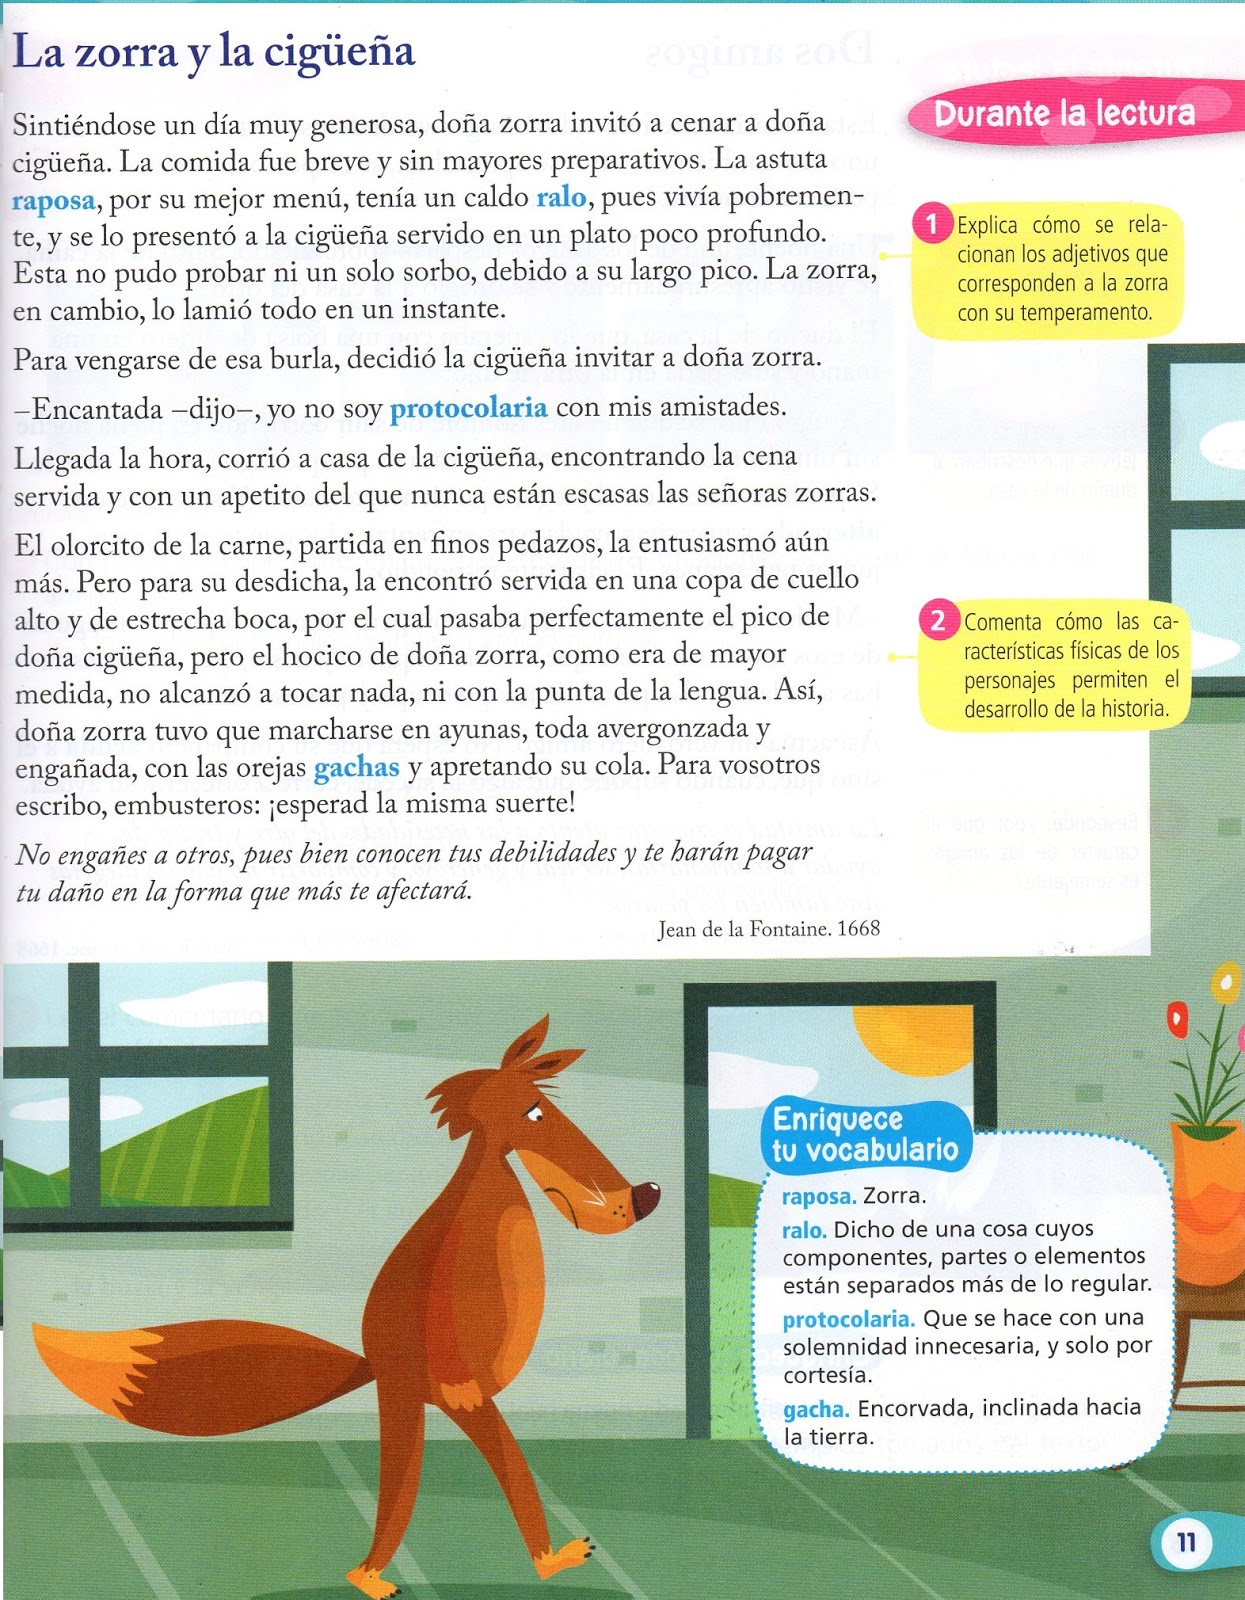 Exploradores del Saber: La zorra y a cigüeña